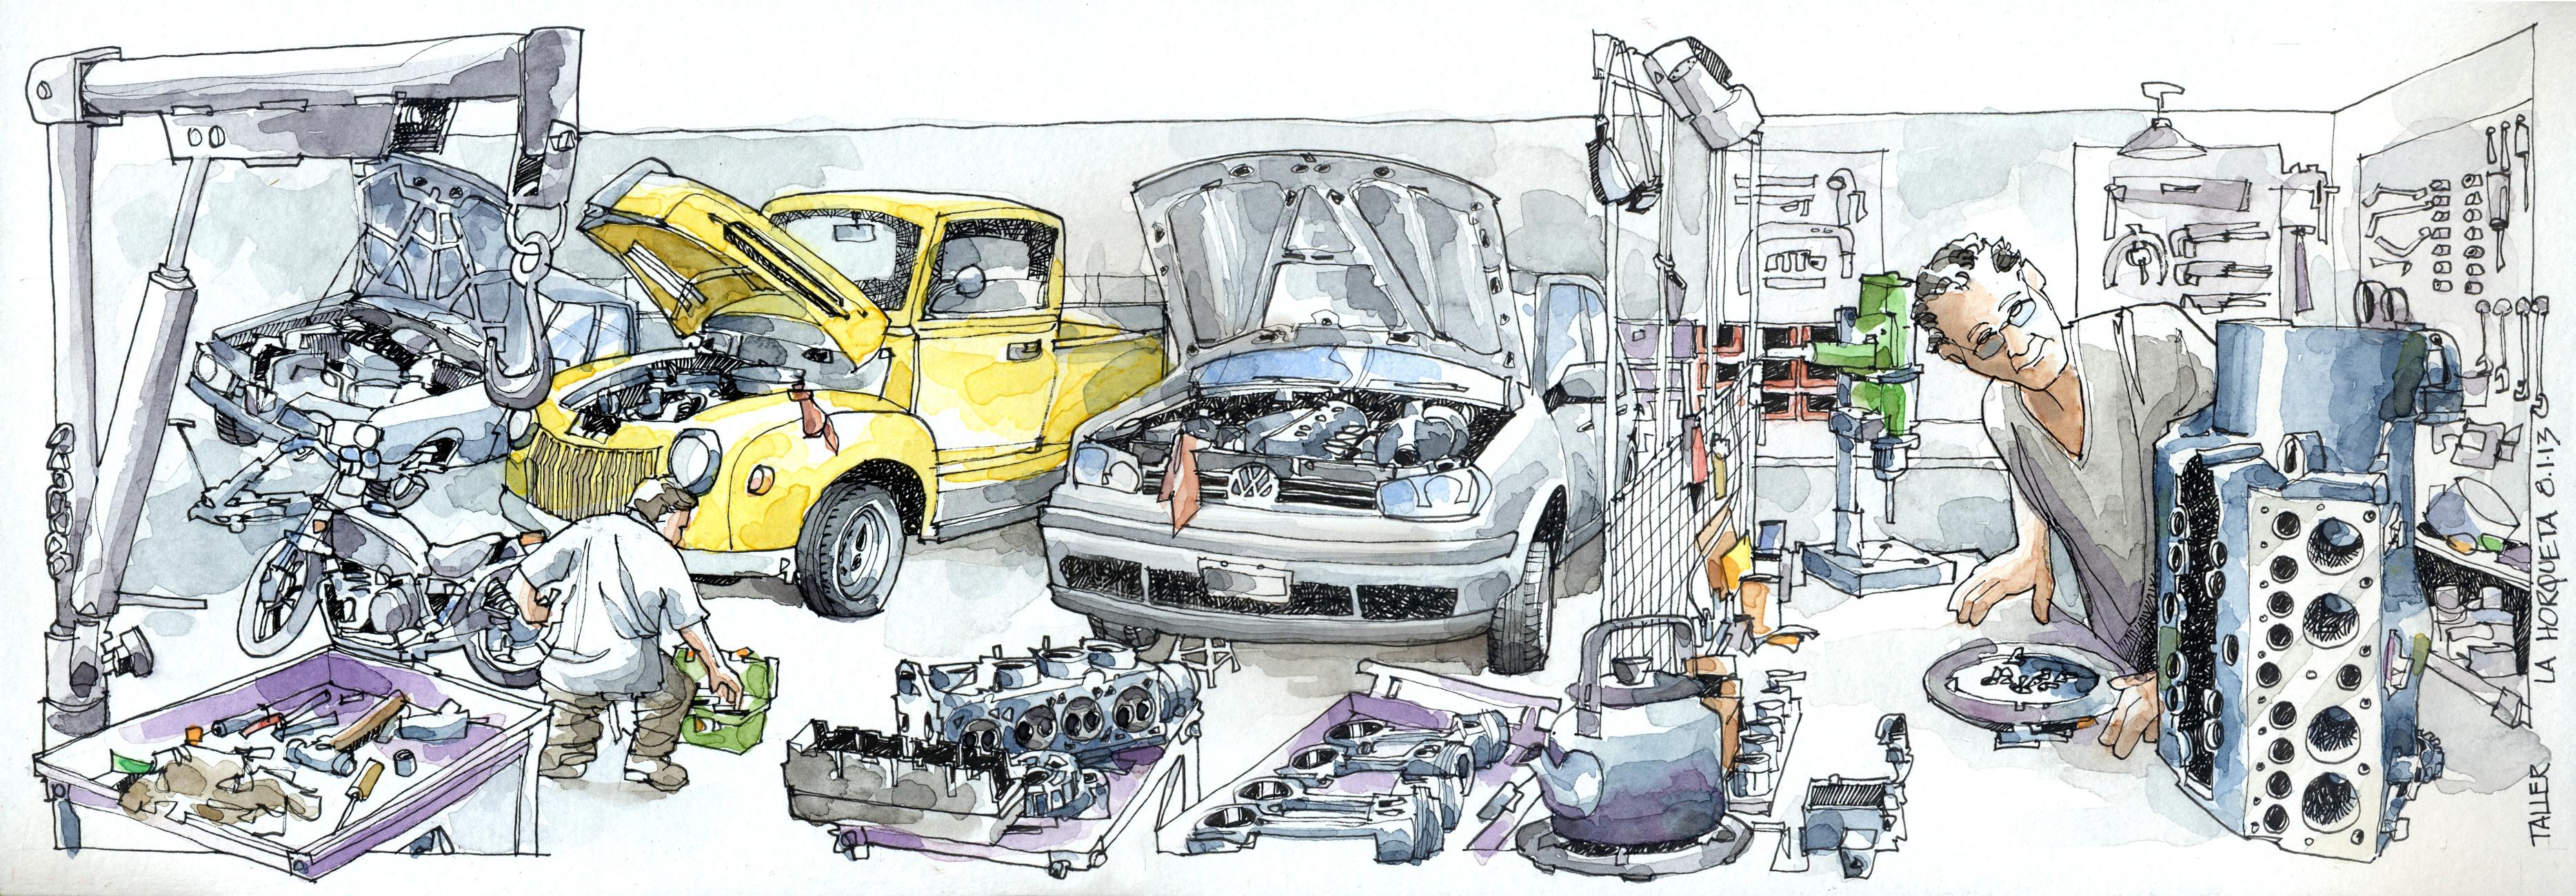 Nullelite694 Auto motor repair